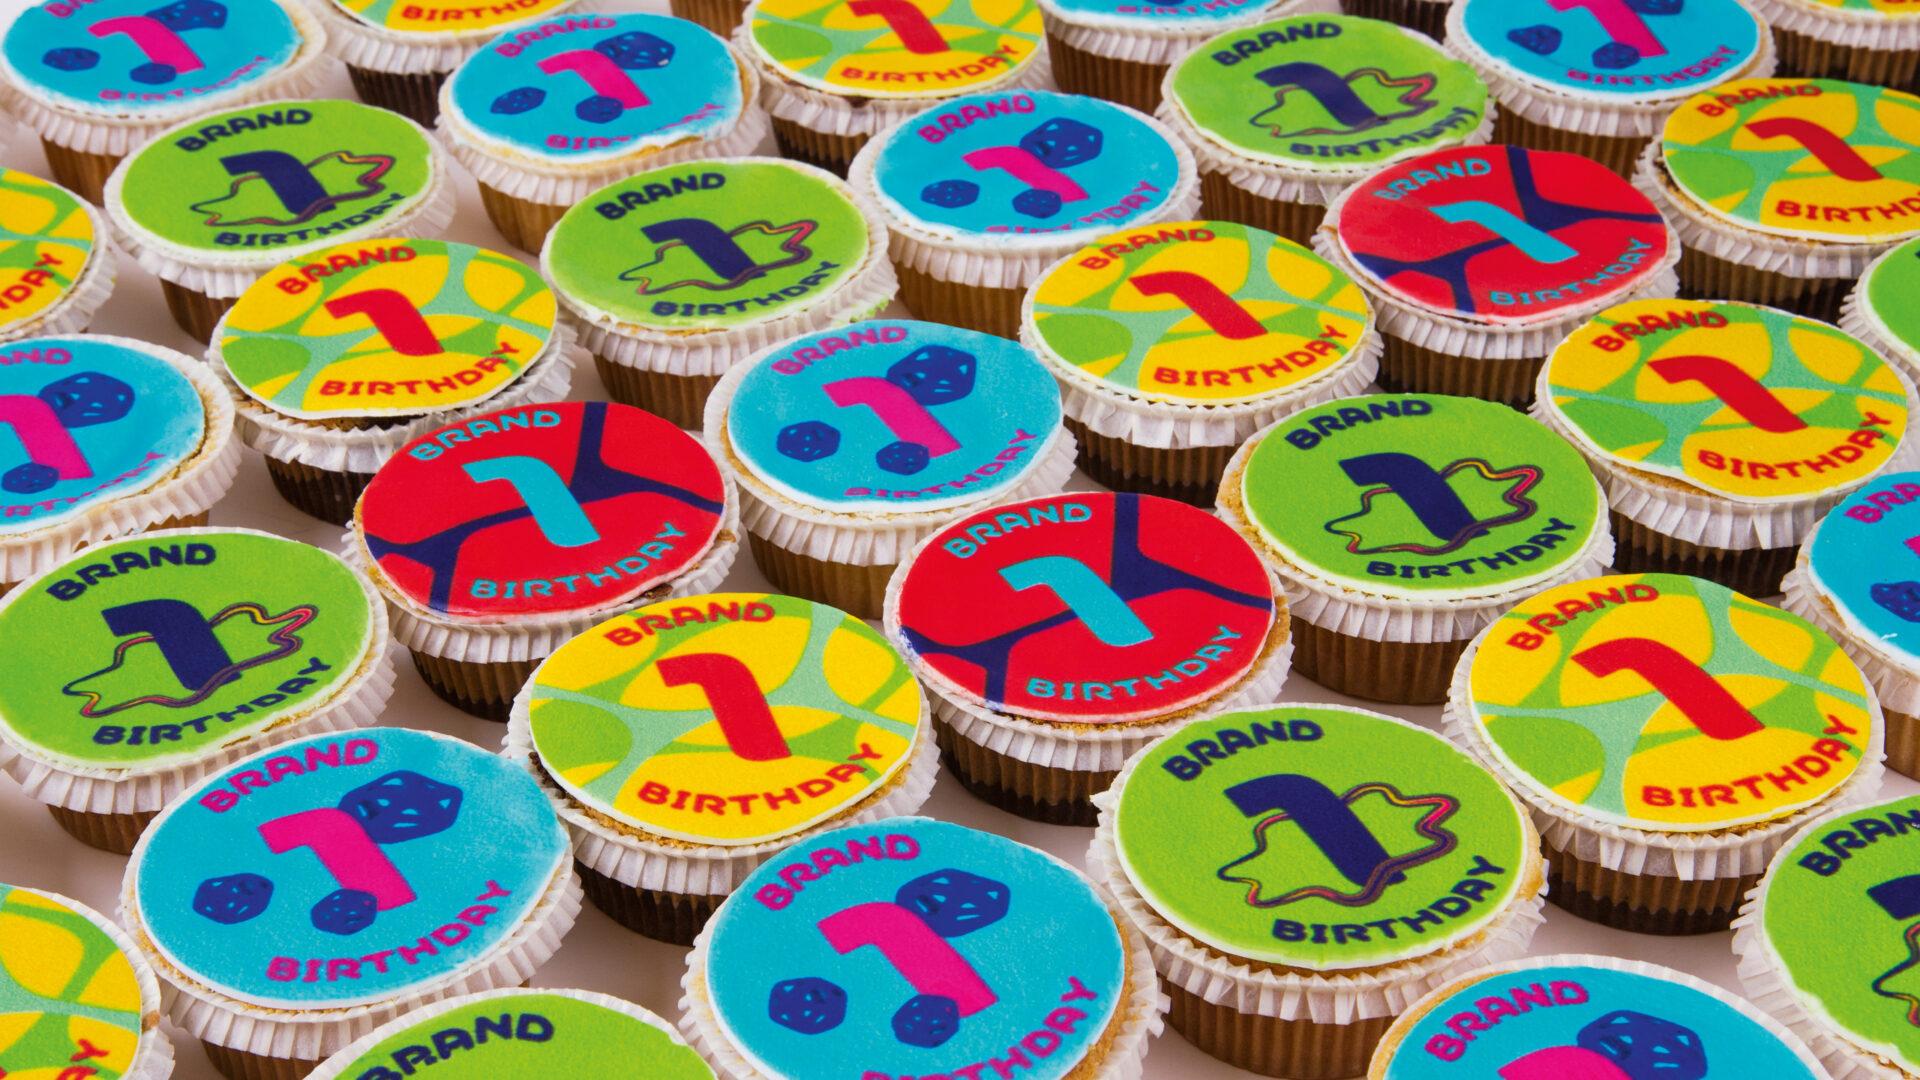 Merck IBI Markengeburtstag Muffins